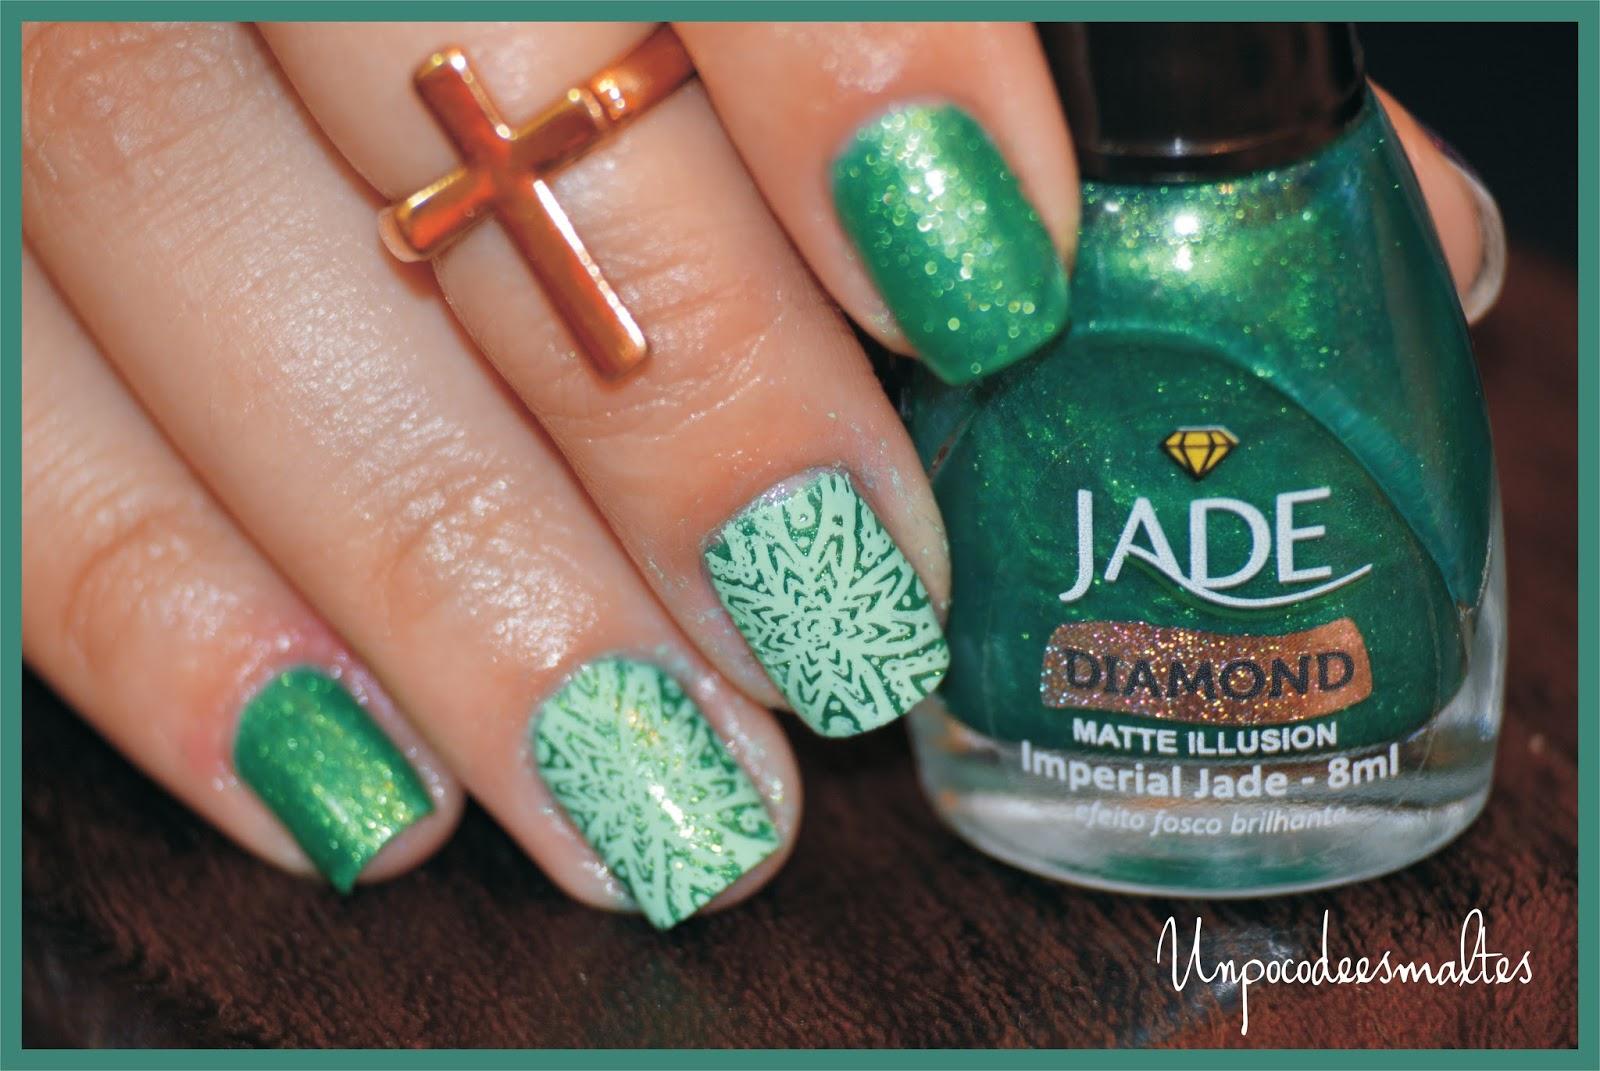 Un poco de esmaltes: Probando Apipila + Jade